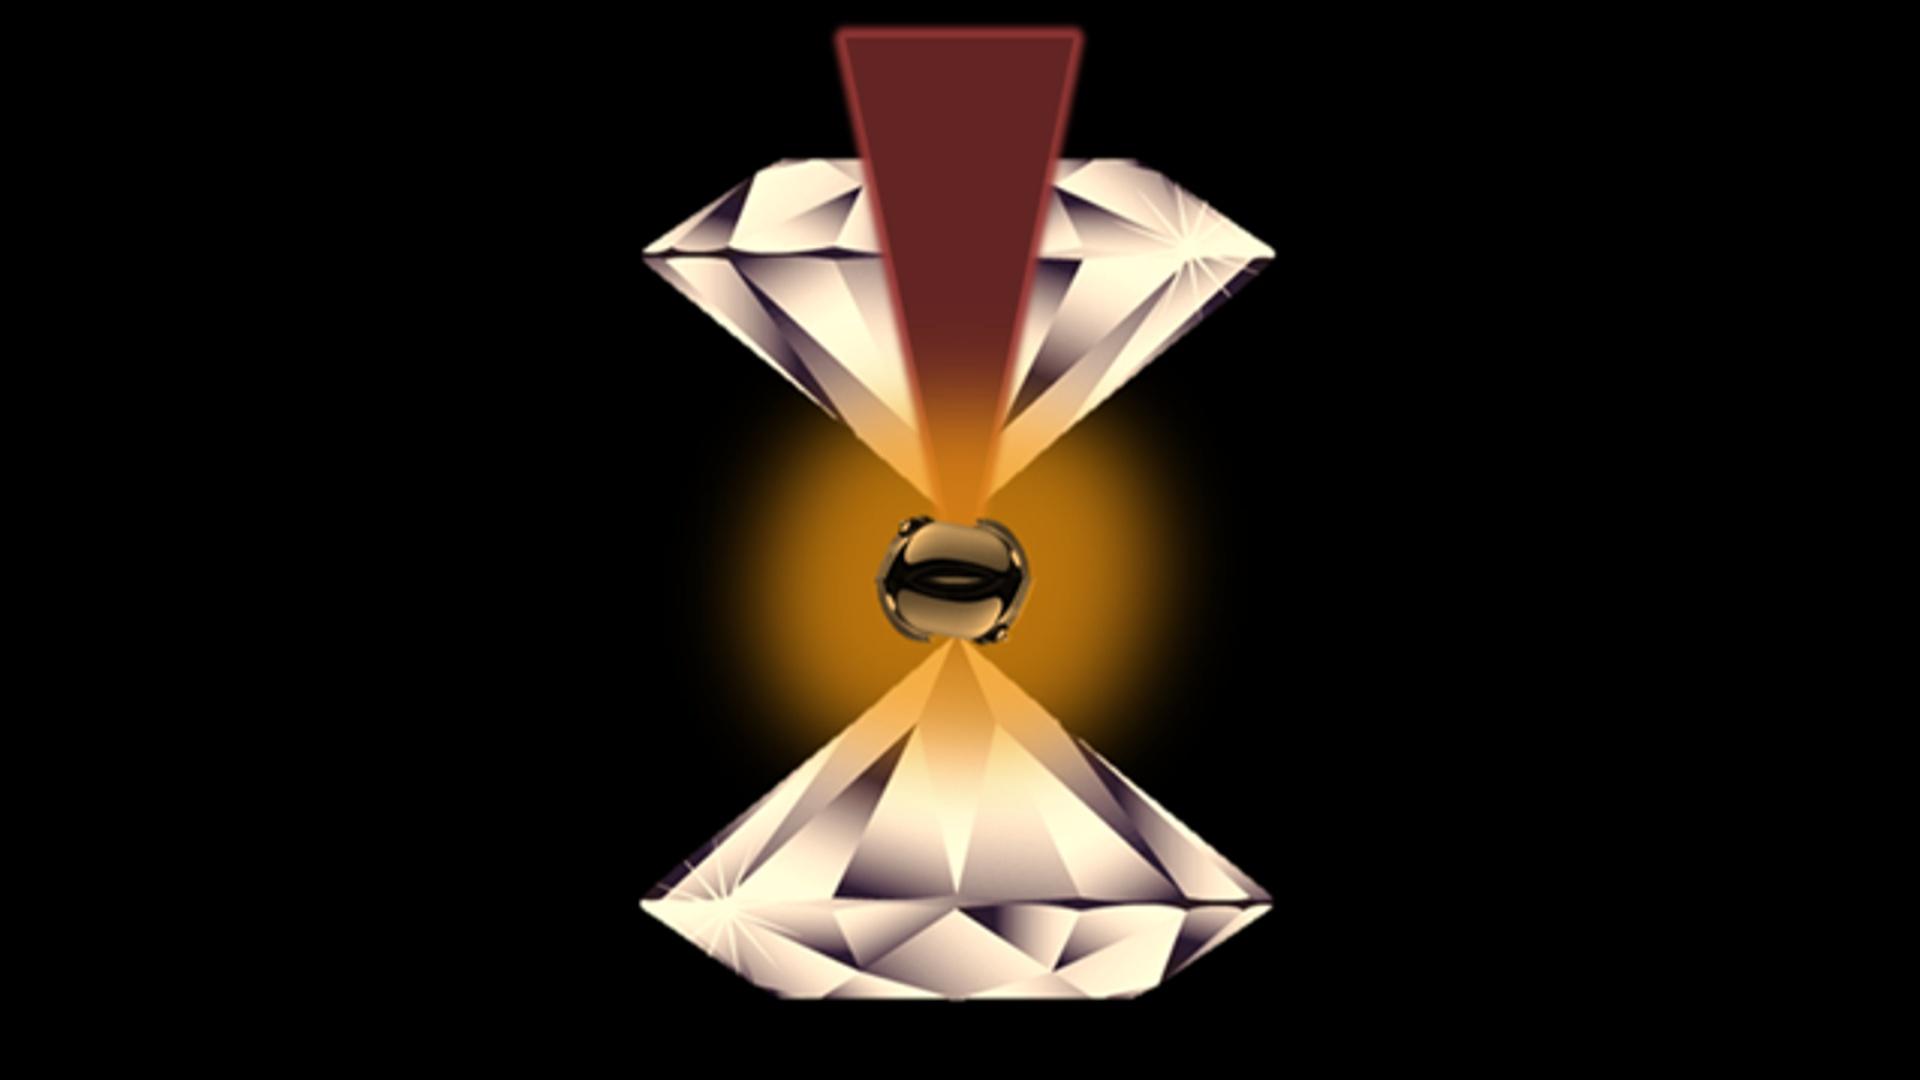 Harvard Universitetində hidrogeni metala çevirdilər